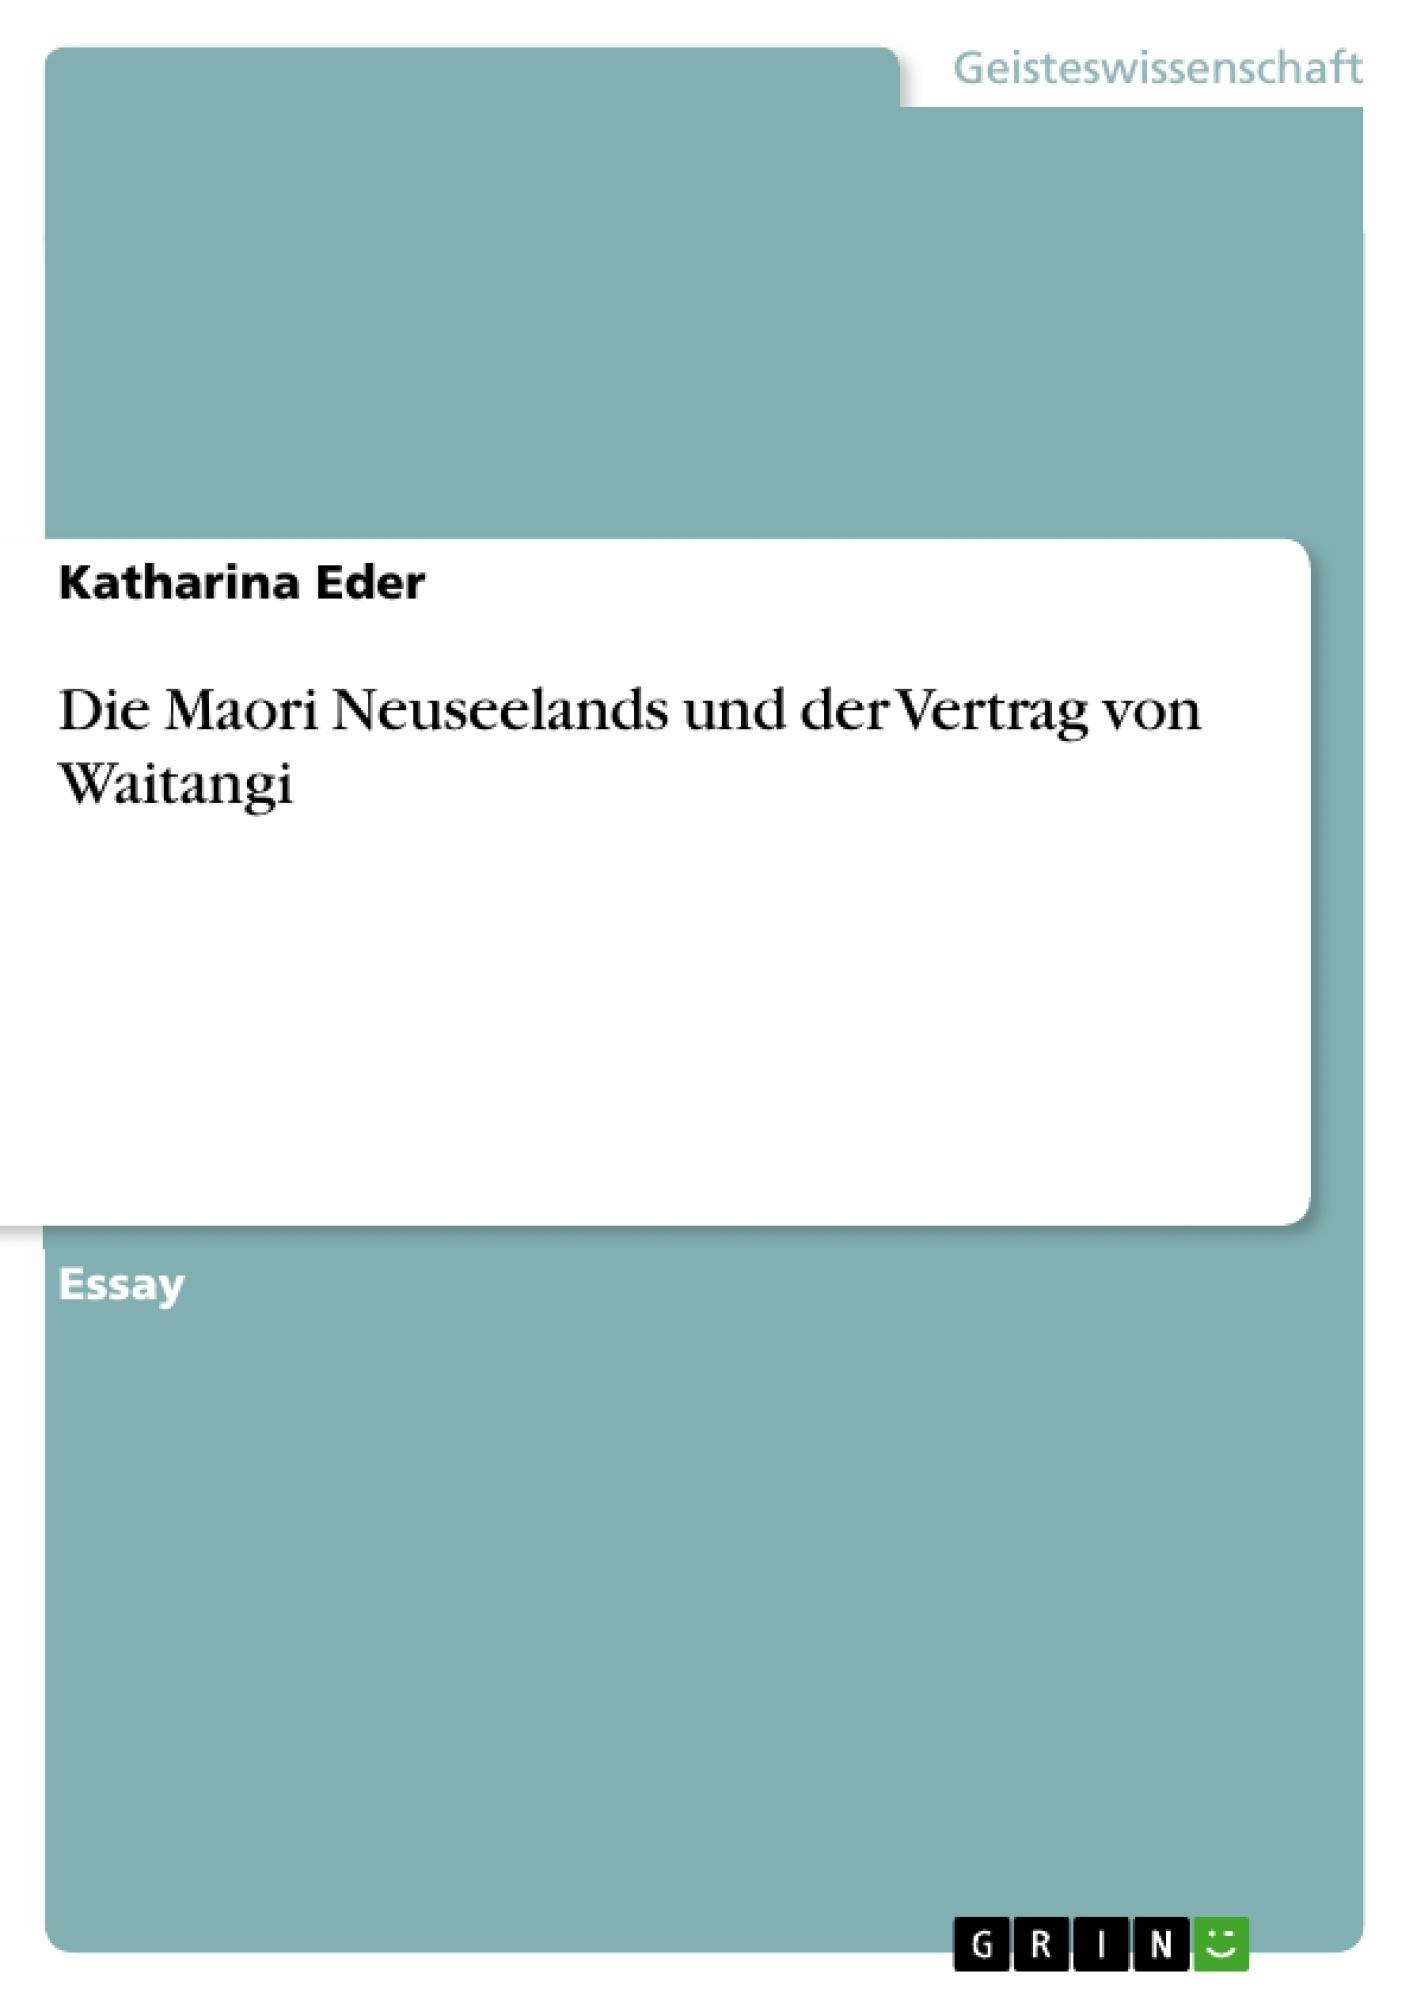 Titel: Die Maori Neuseelands und der Vertrag von Waitangi